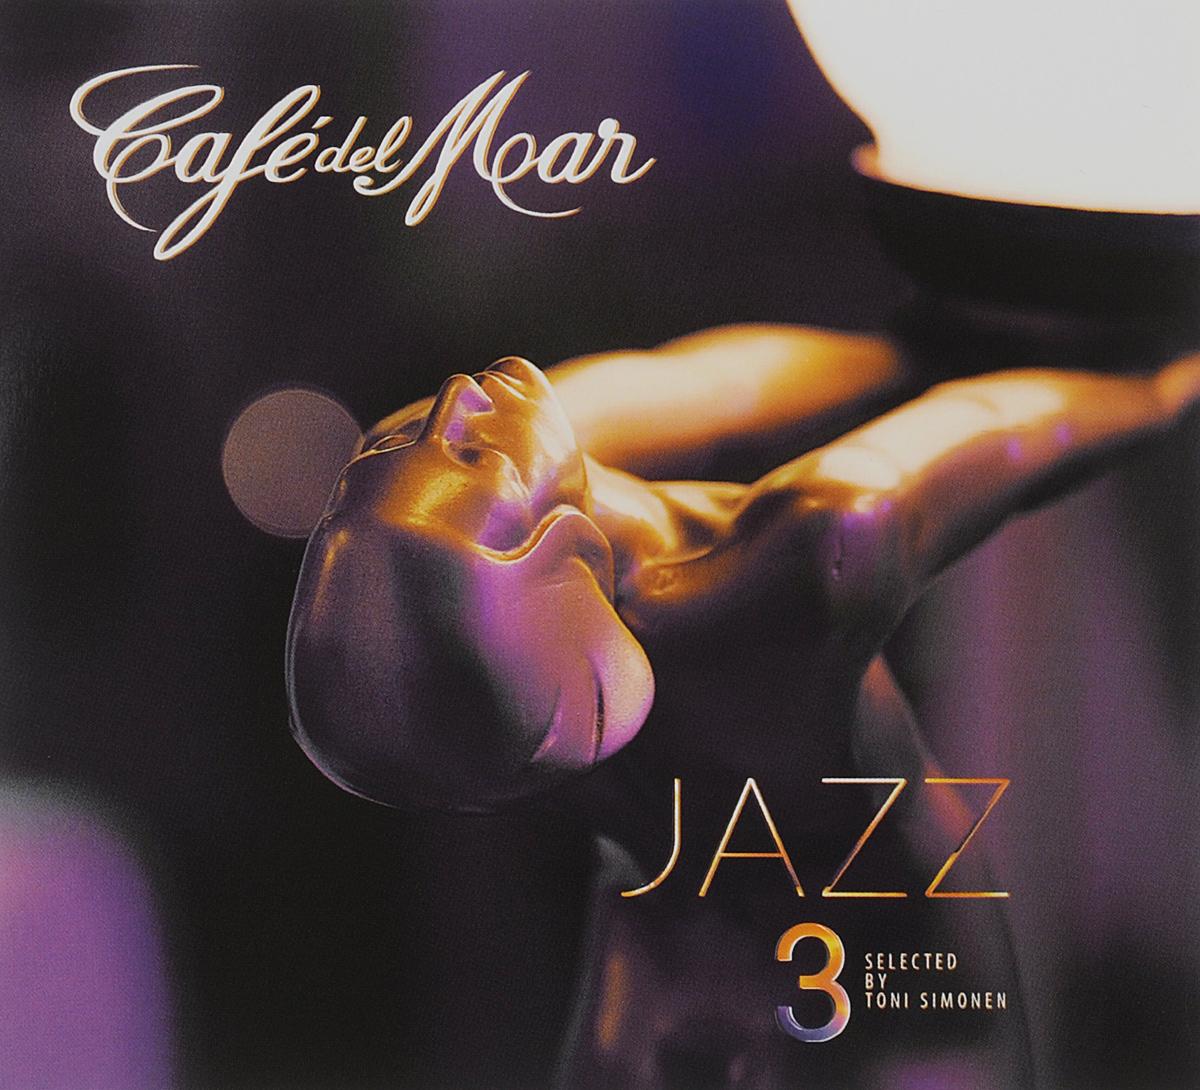 Cafe Del Mar. Jazz 3 2015 Audio CD